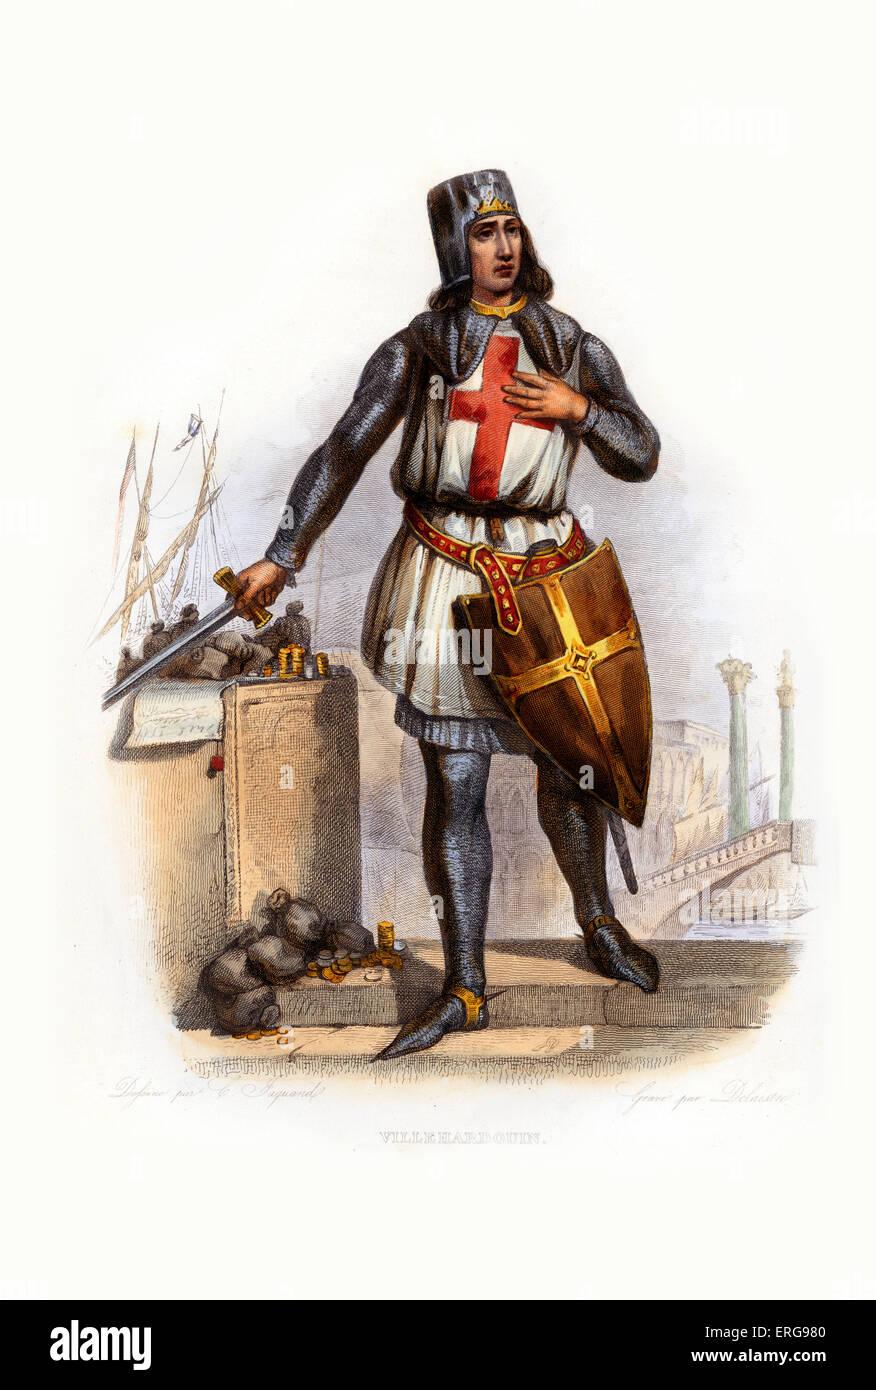 Geoffrey II of Villehardouin